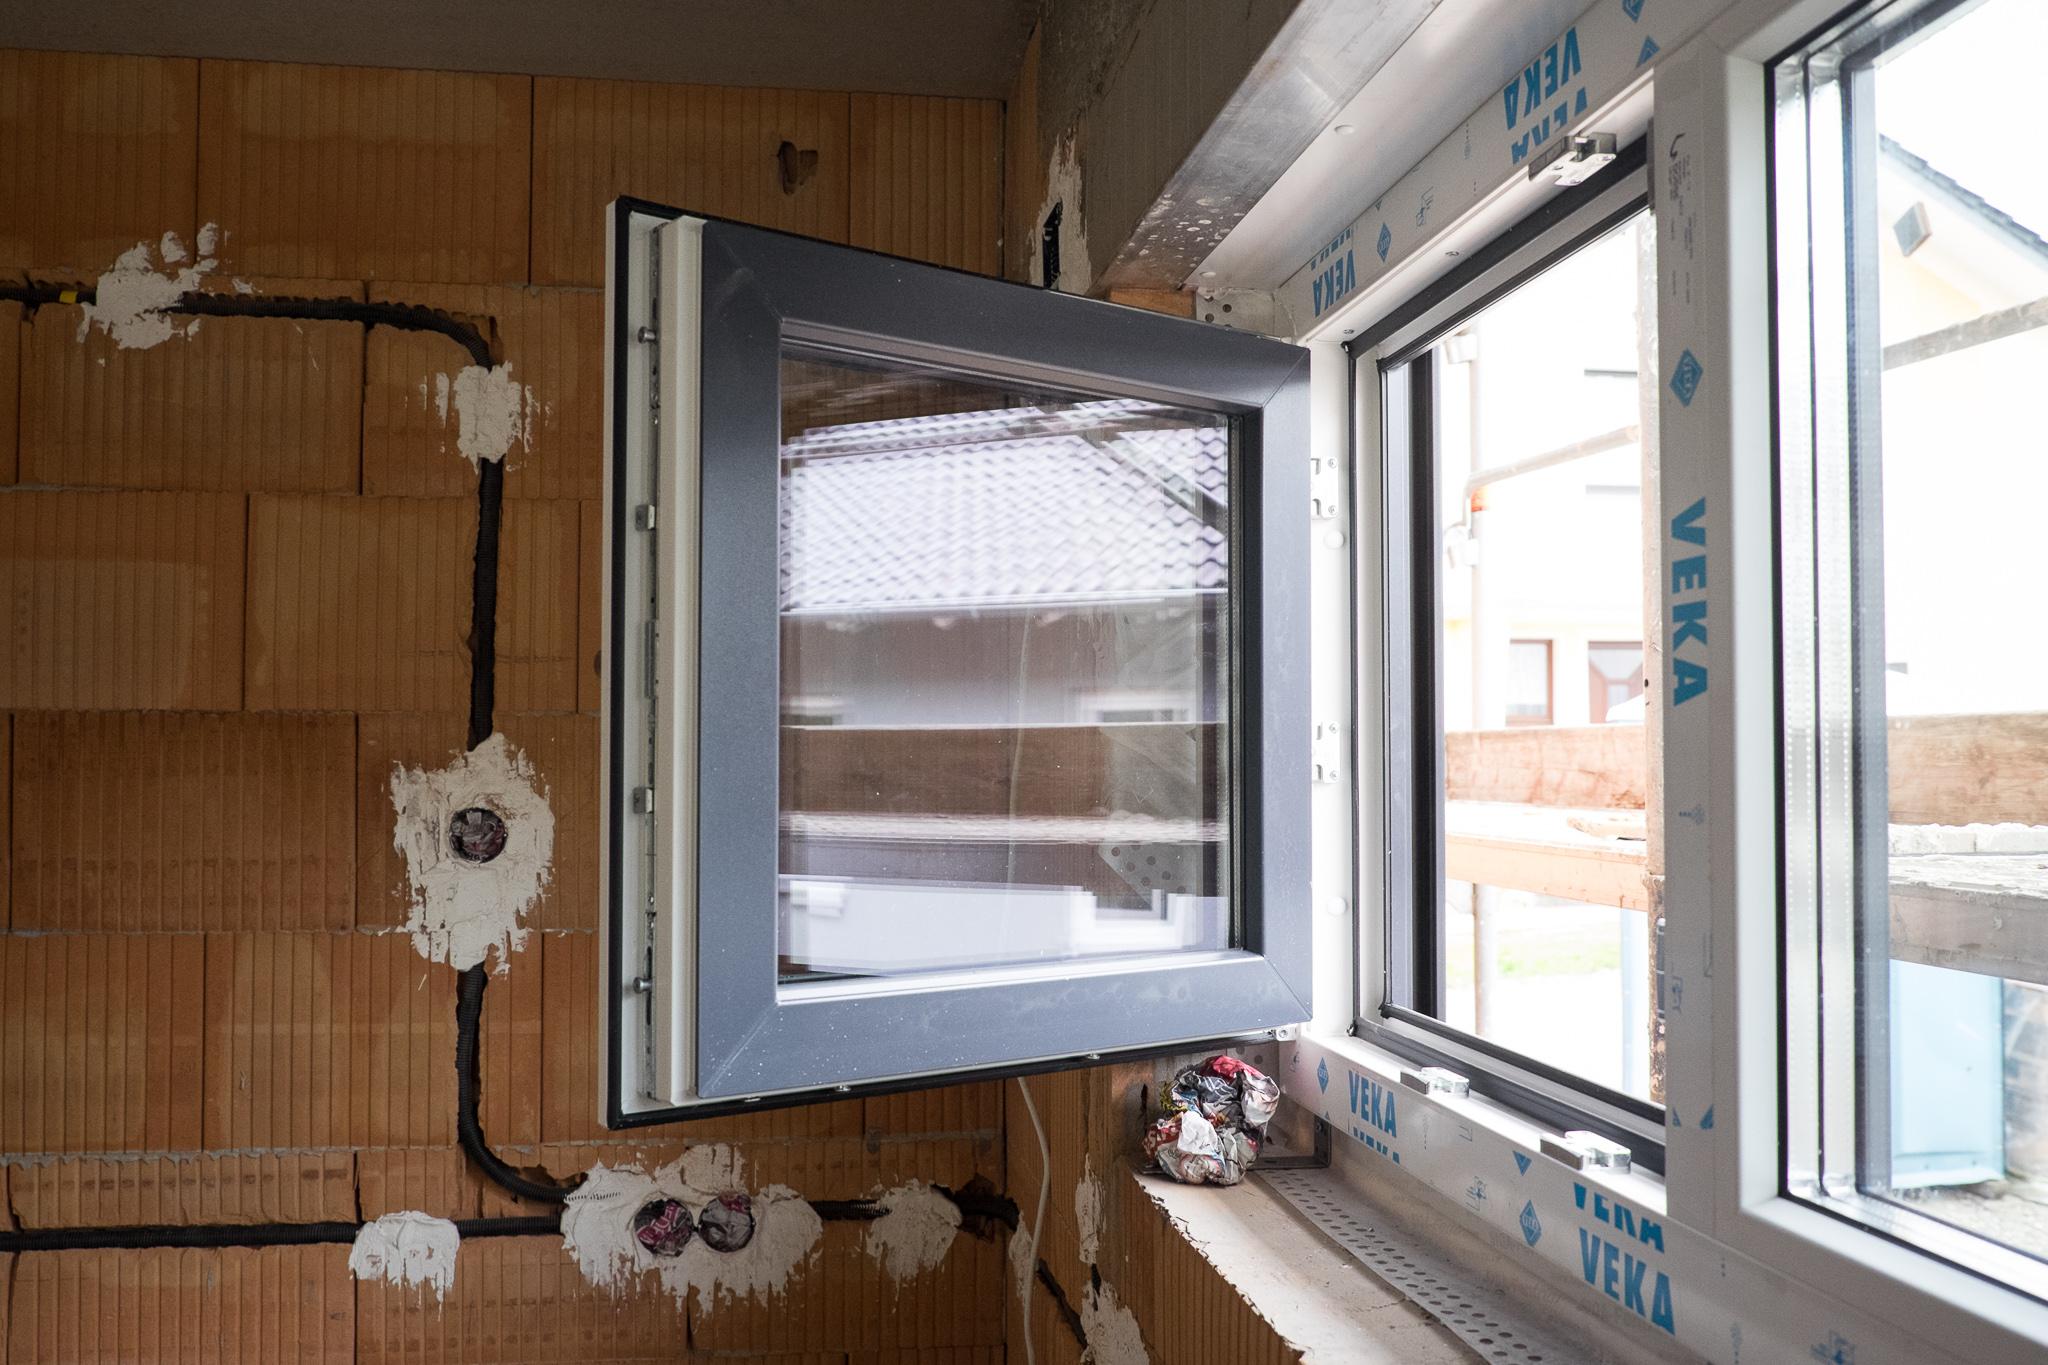 Full Size of Küche Fenster Kw43 Ein Haus Fr Den Zwerg Waschbecken Stehhilfe Kaufen Mit Elektrogeräten Bartisch Weiß Matt Holz Modern Gebrauchte Läufer In Polen Wohnzimmer Küche Fenster